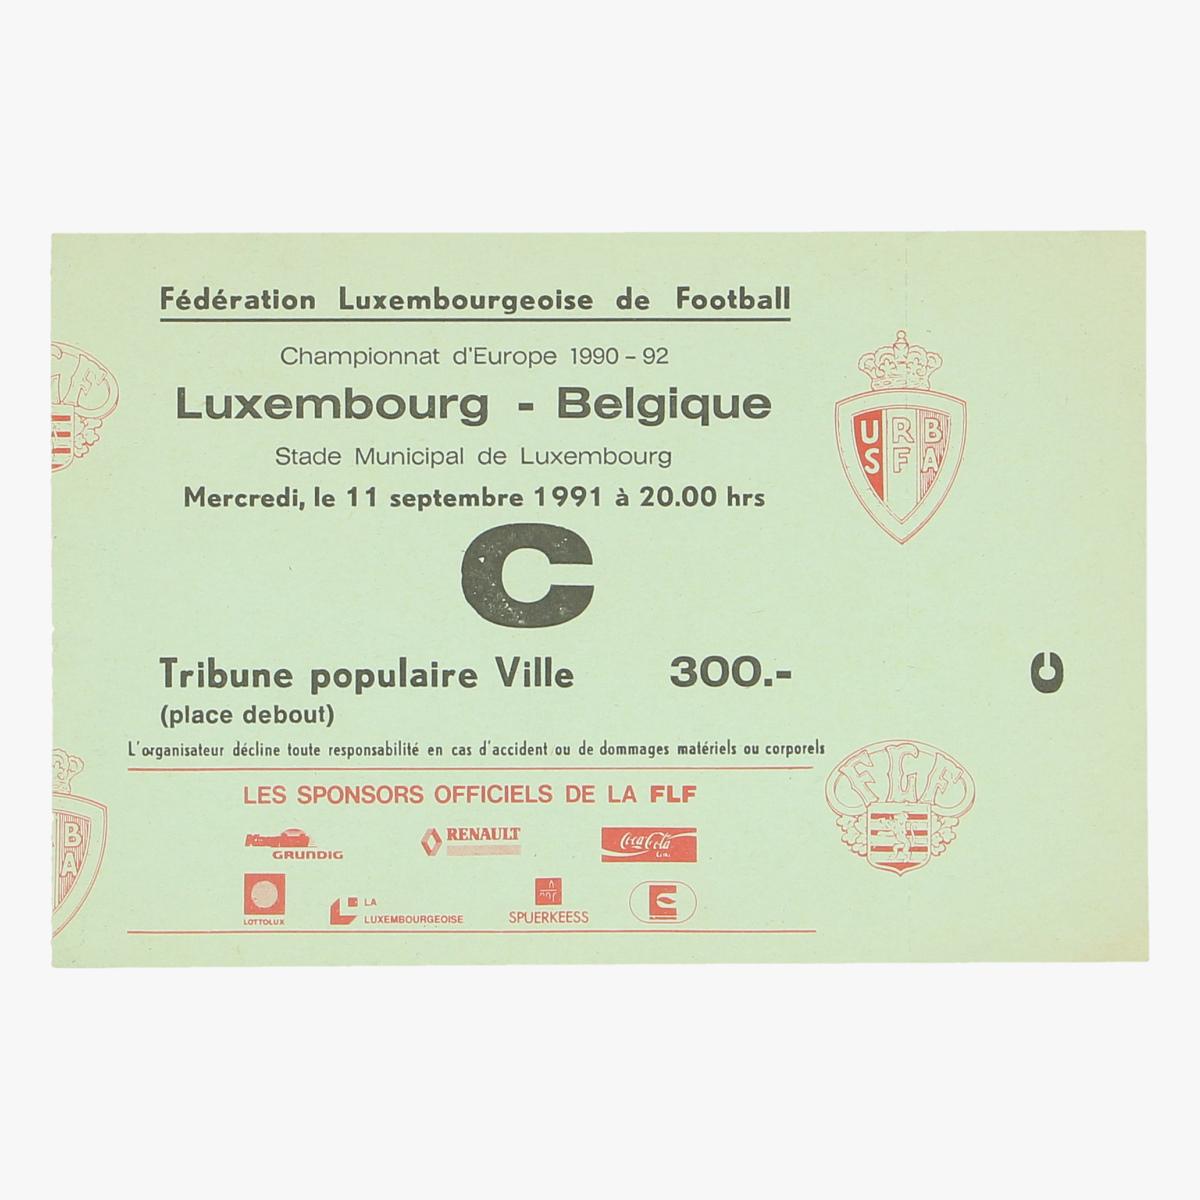 Afbeeldingen van ticket Luxembourg-Belgie championnat d'Europe 11sept 1990-92